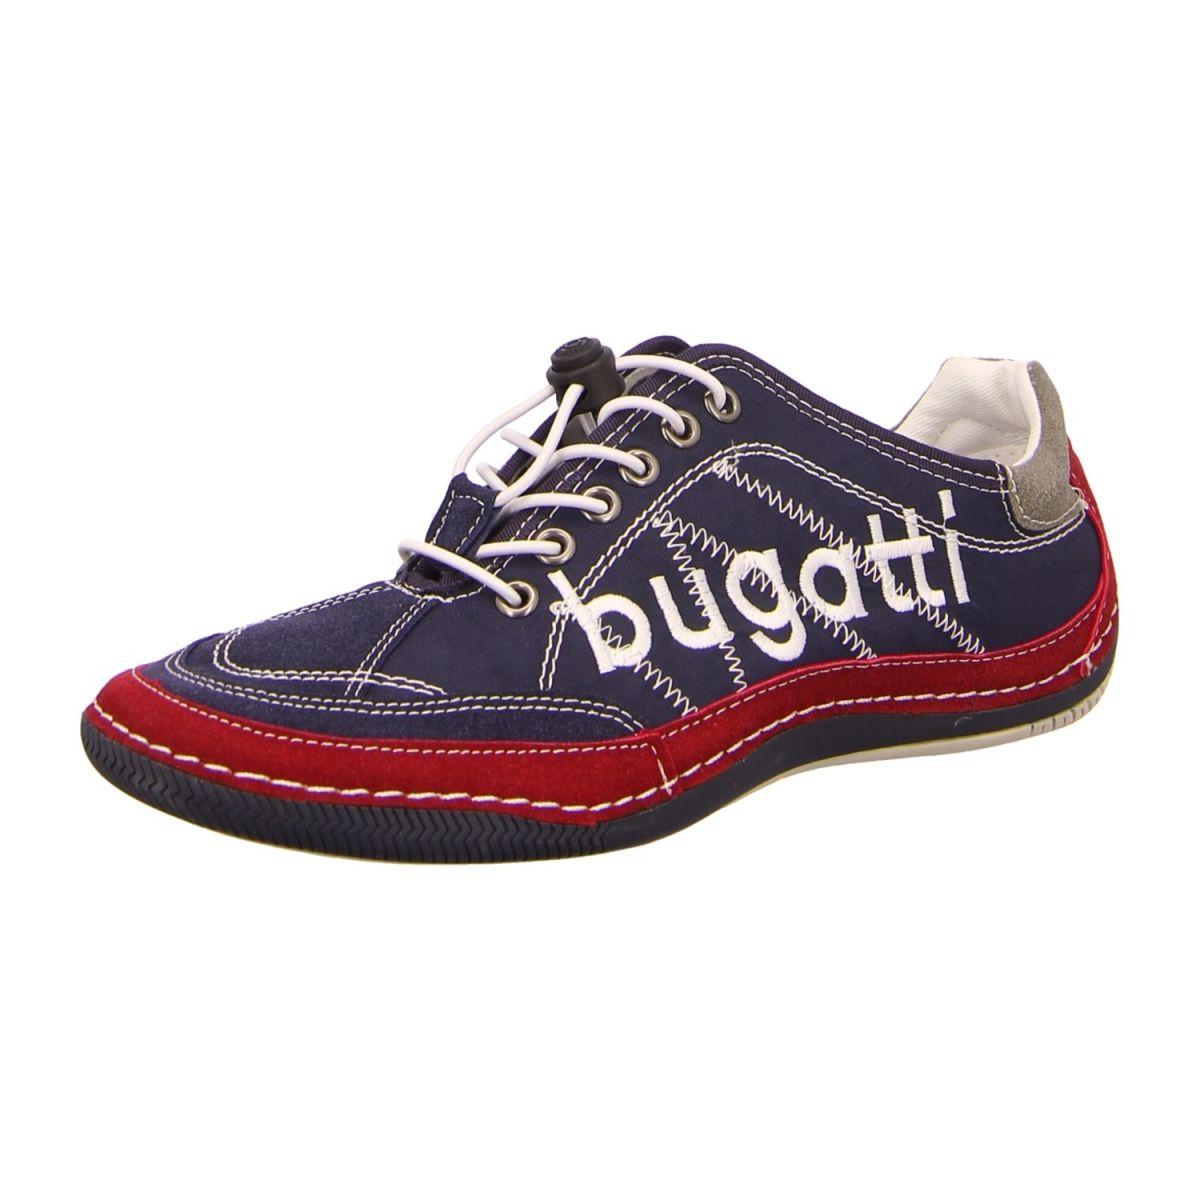 Schuhe einfach günstig online kaufen